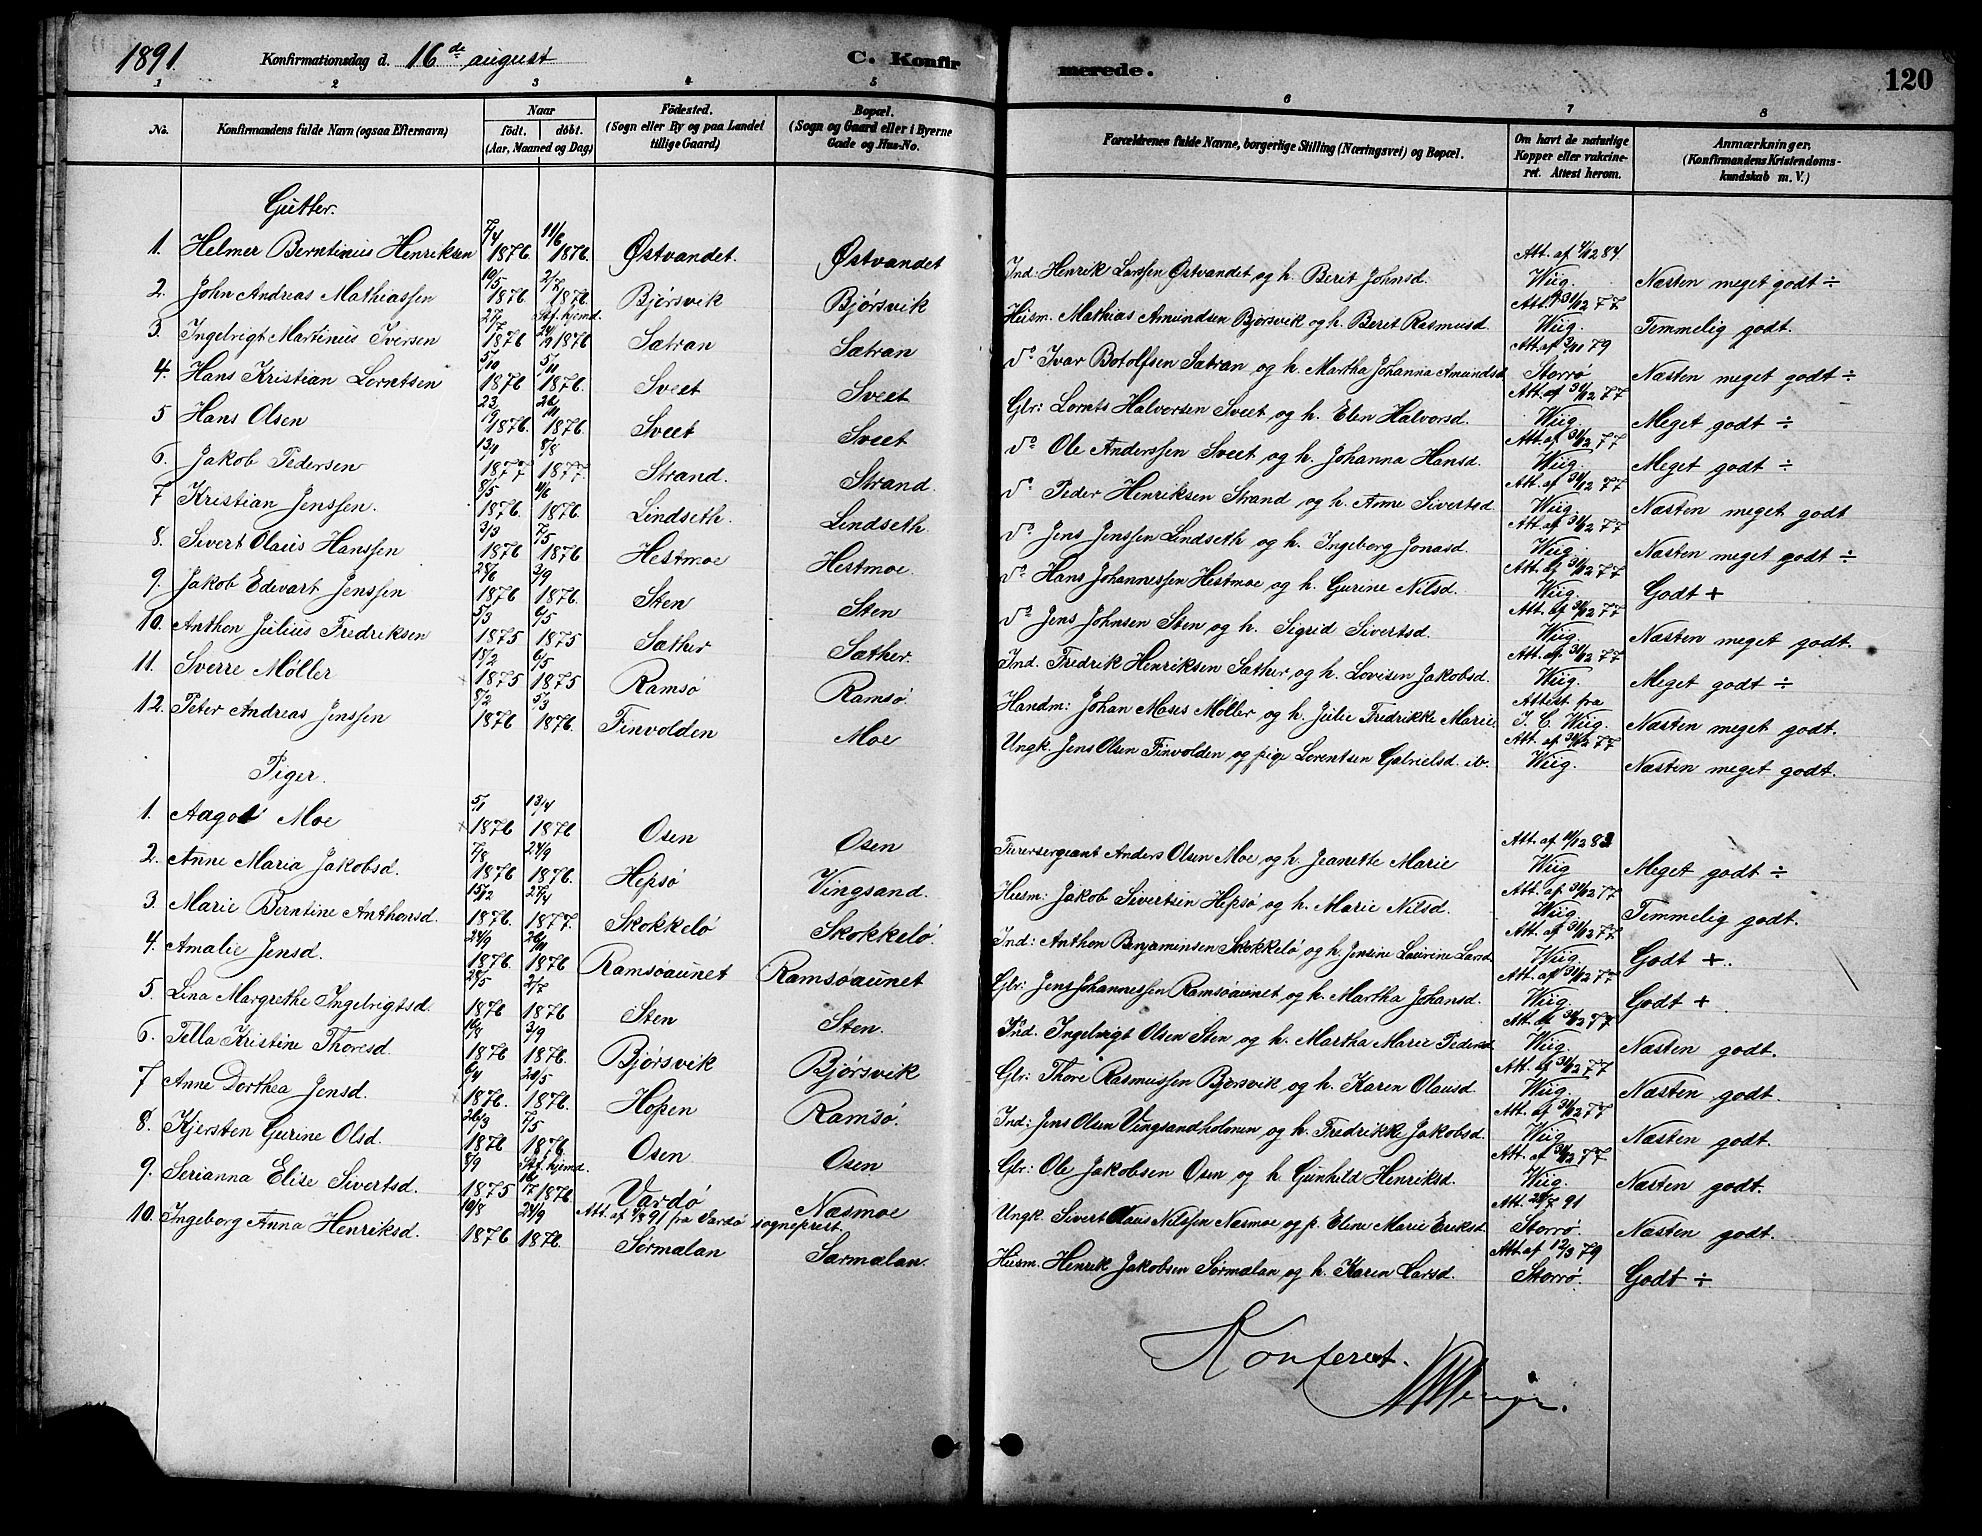 SAT, Ministerialprotokoller, klokkerbøker og fødselsregistre - Sør-Trøndelag, 658/L0726: Klokkerbok nr. 658C02, 1883-1908, s. 120